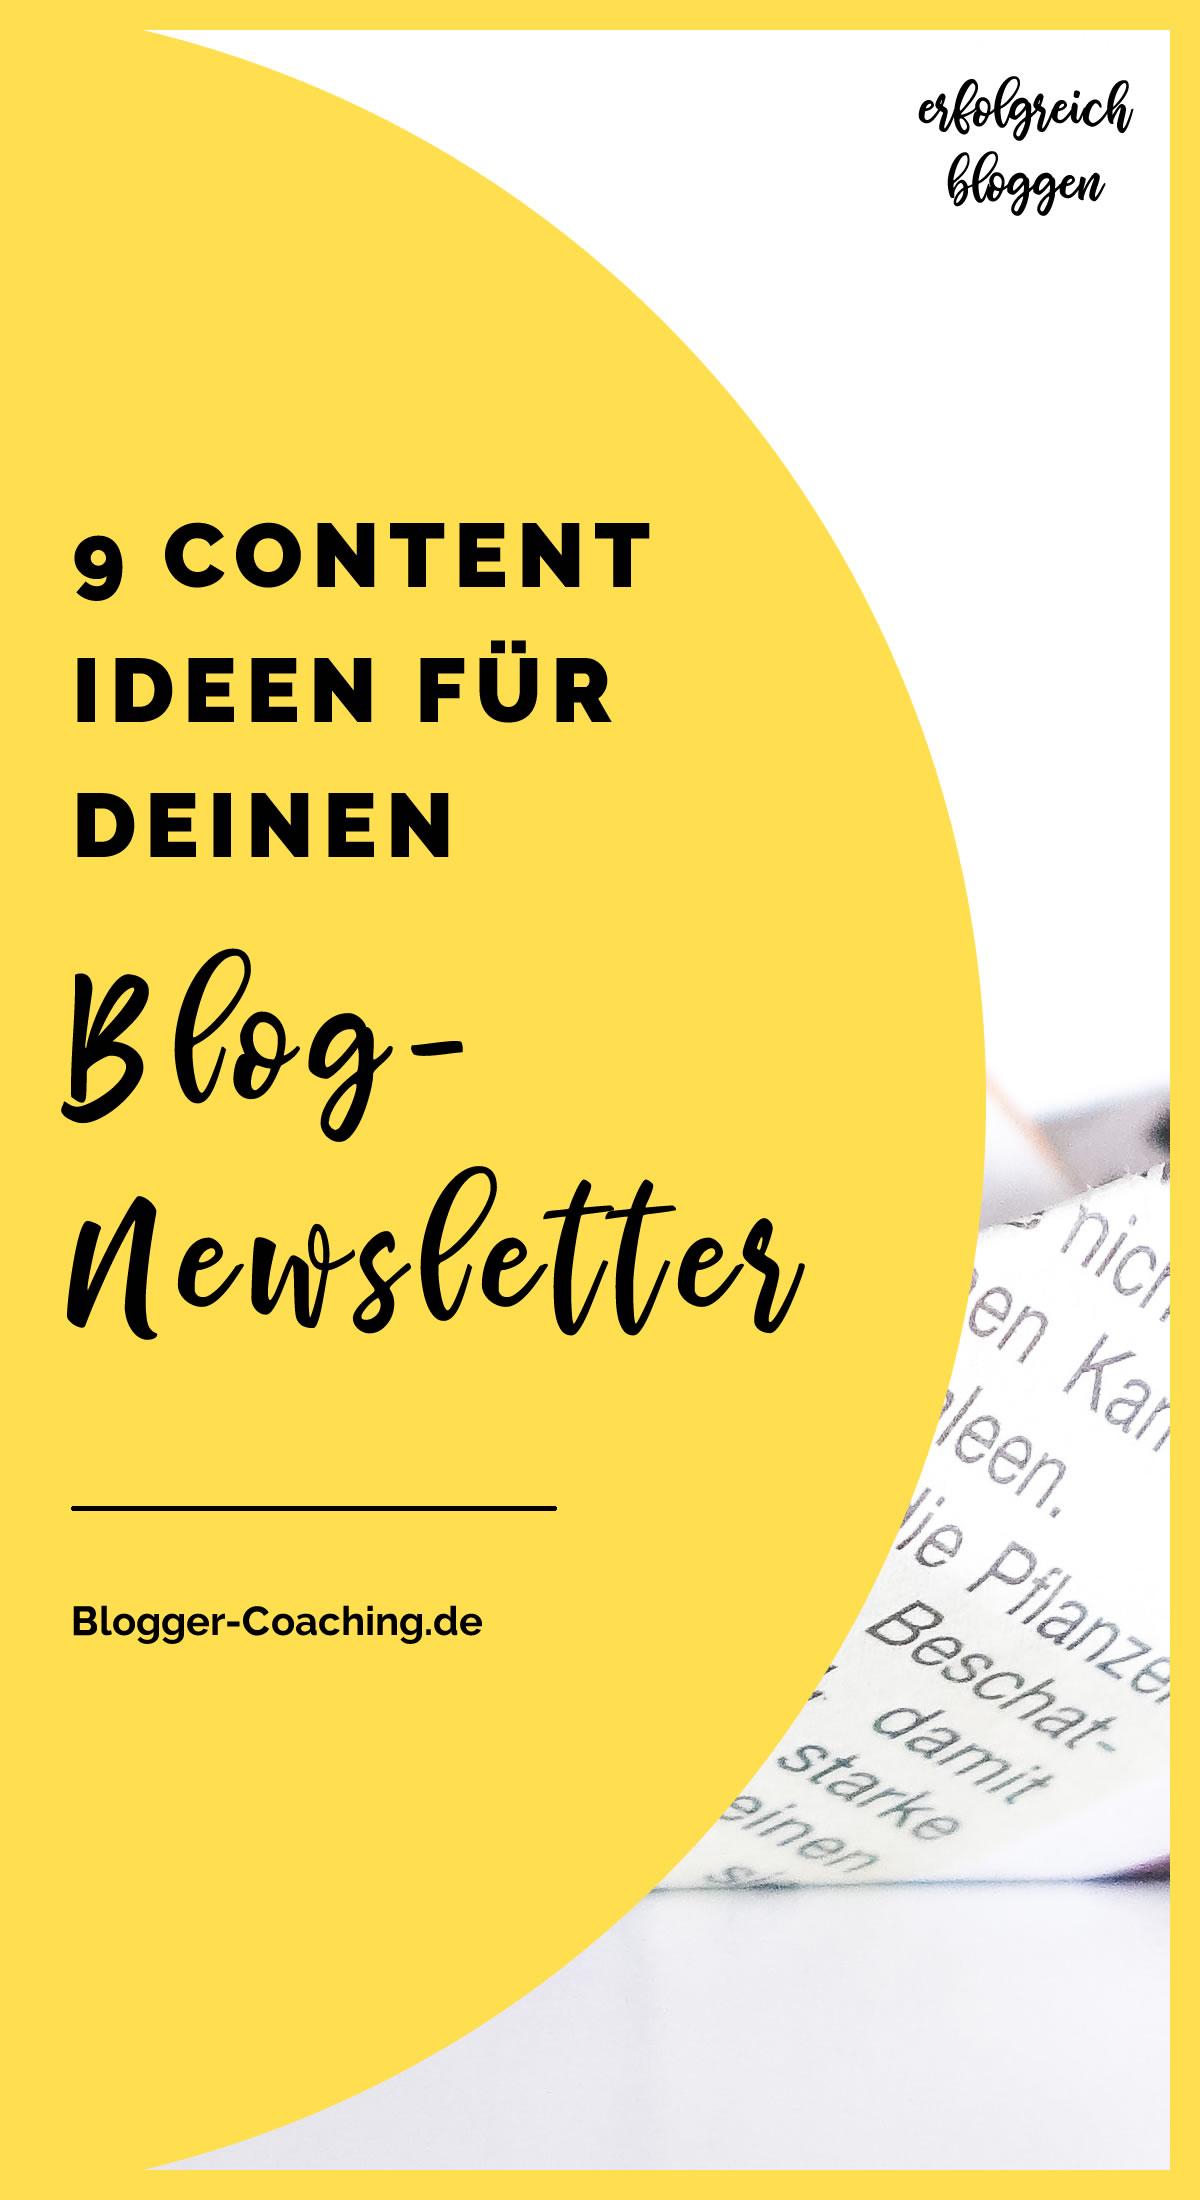 E-Mail-Marketing - Brauche ich einen Newsletter für meinen Blog? | Blogger-Coaching.de - Erfolgsstrategien für deinen Blog #blogger #bloggen #newsletter #marketing #dsgvo